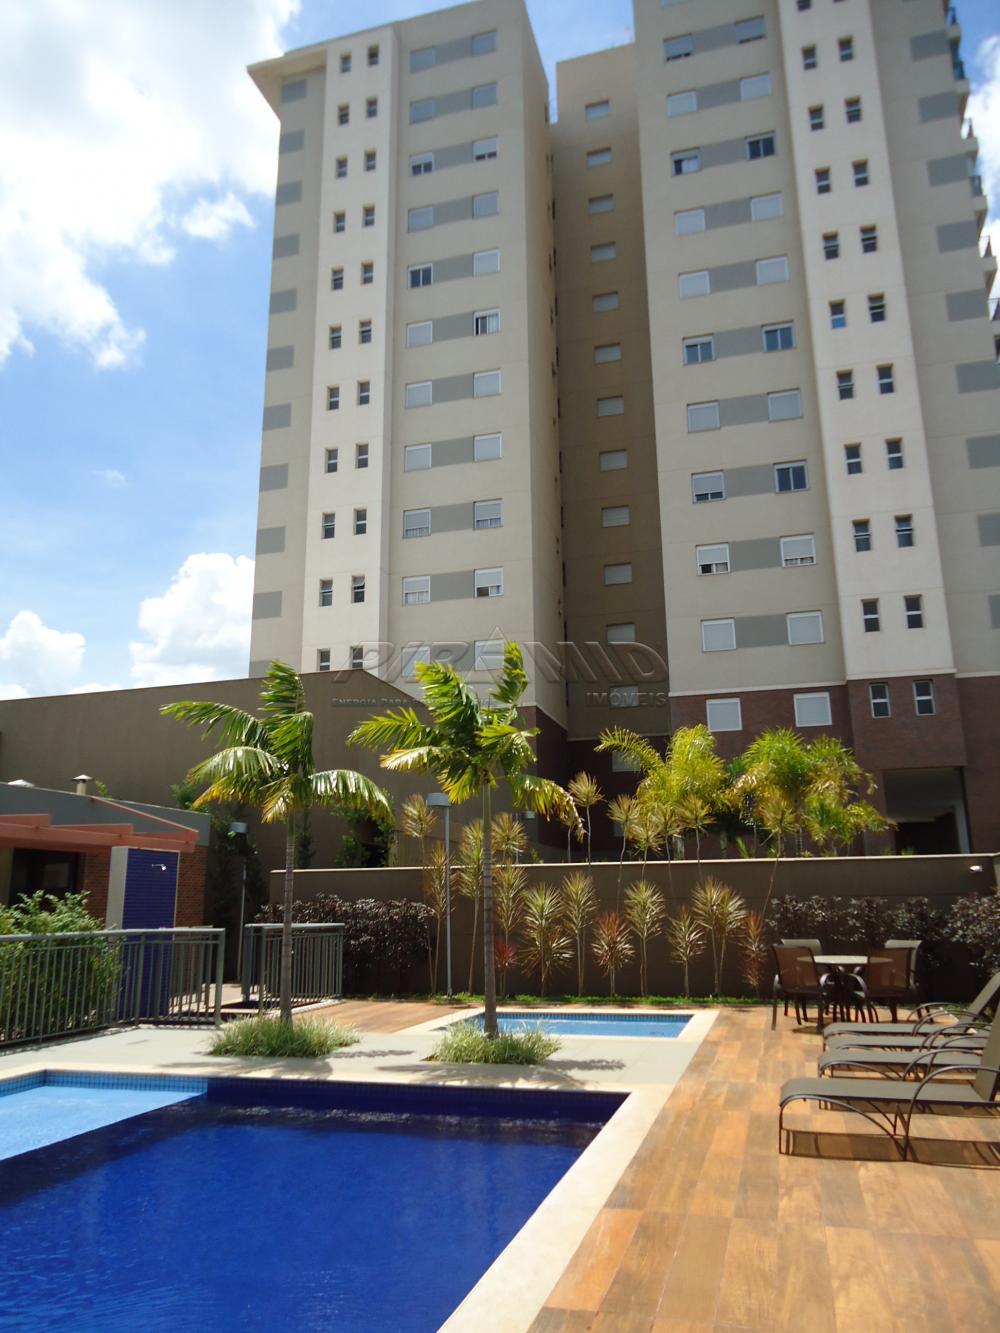 Comprar Apartamento / Padrão em Ribeirão Preto R$ 730.000,00 - Foto 22